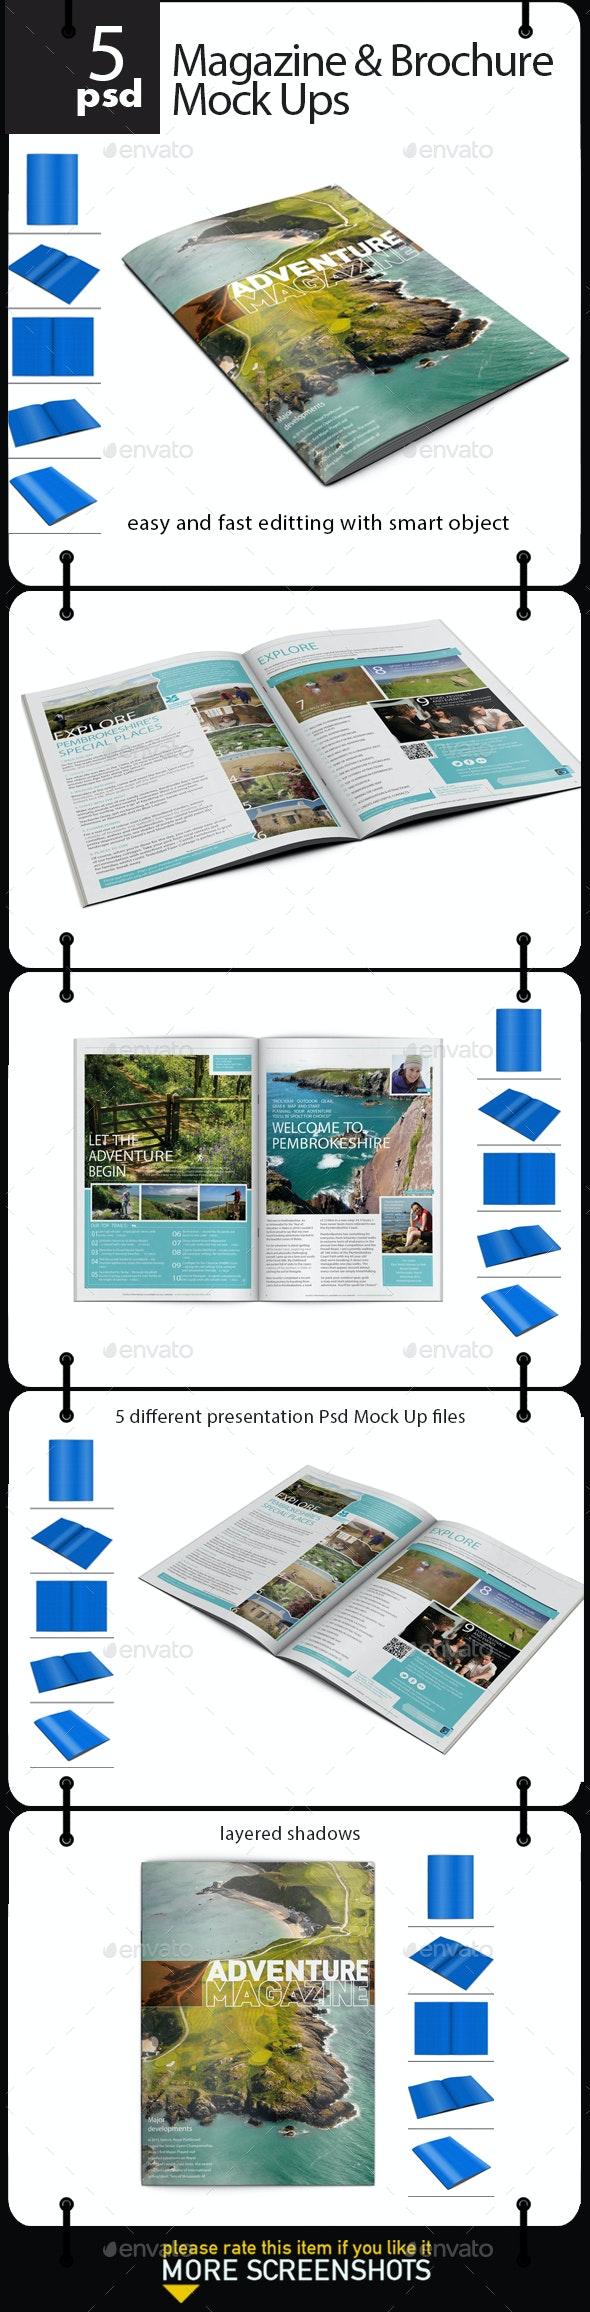 Magazine & Brochure Mock up  - Product Mock-Ups Graphics